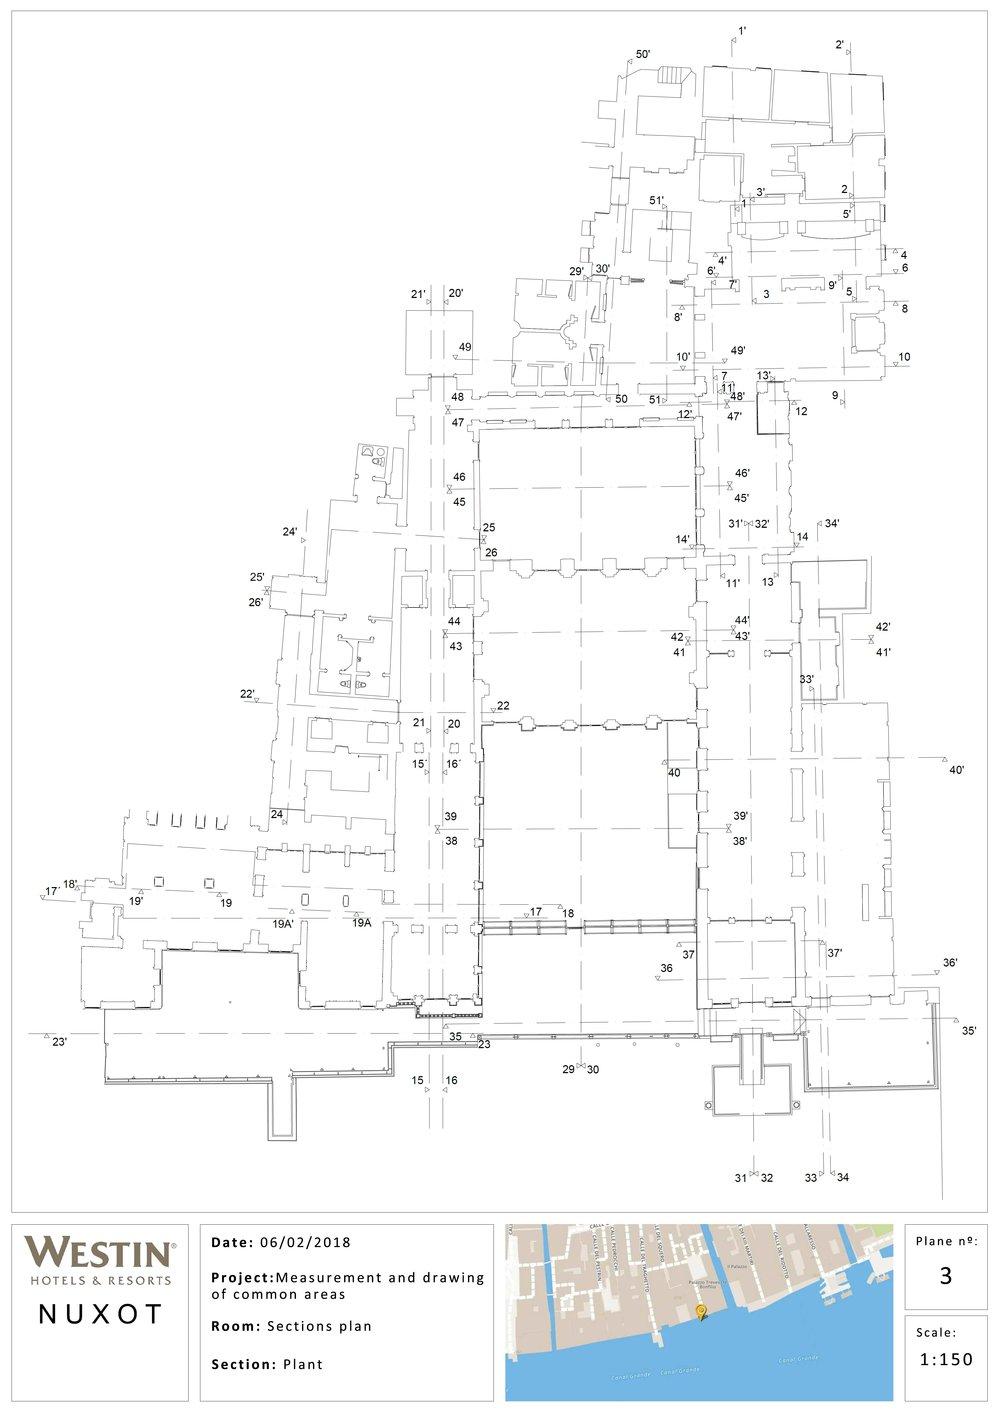 plano de secciones.jpg